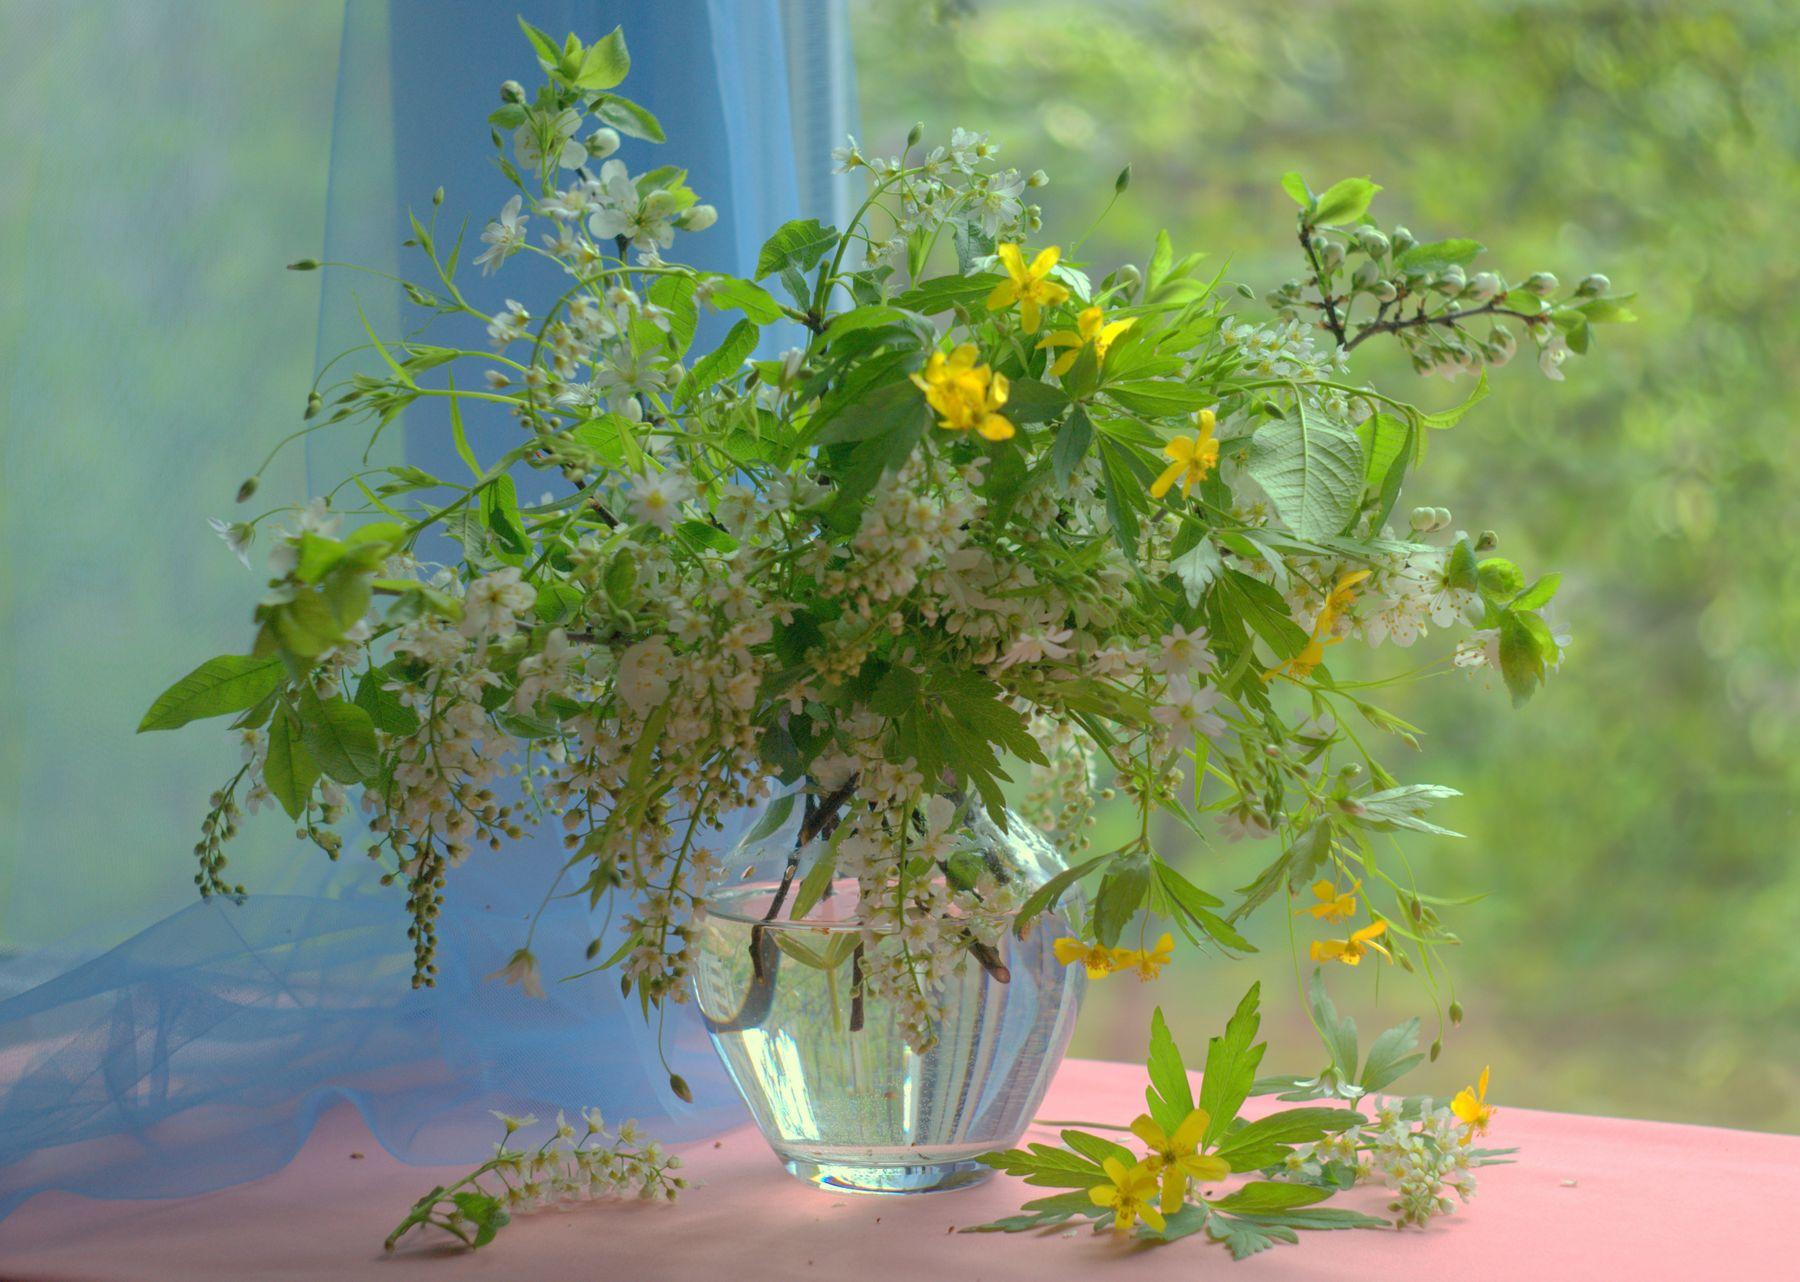 Плывет и манит аромат цветов, весна рисует им свои узоры... весна черемуха цветы